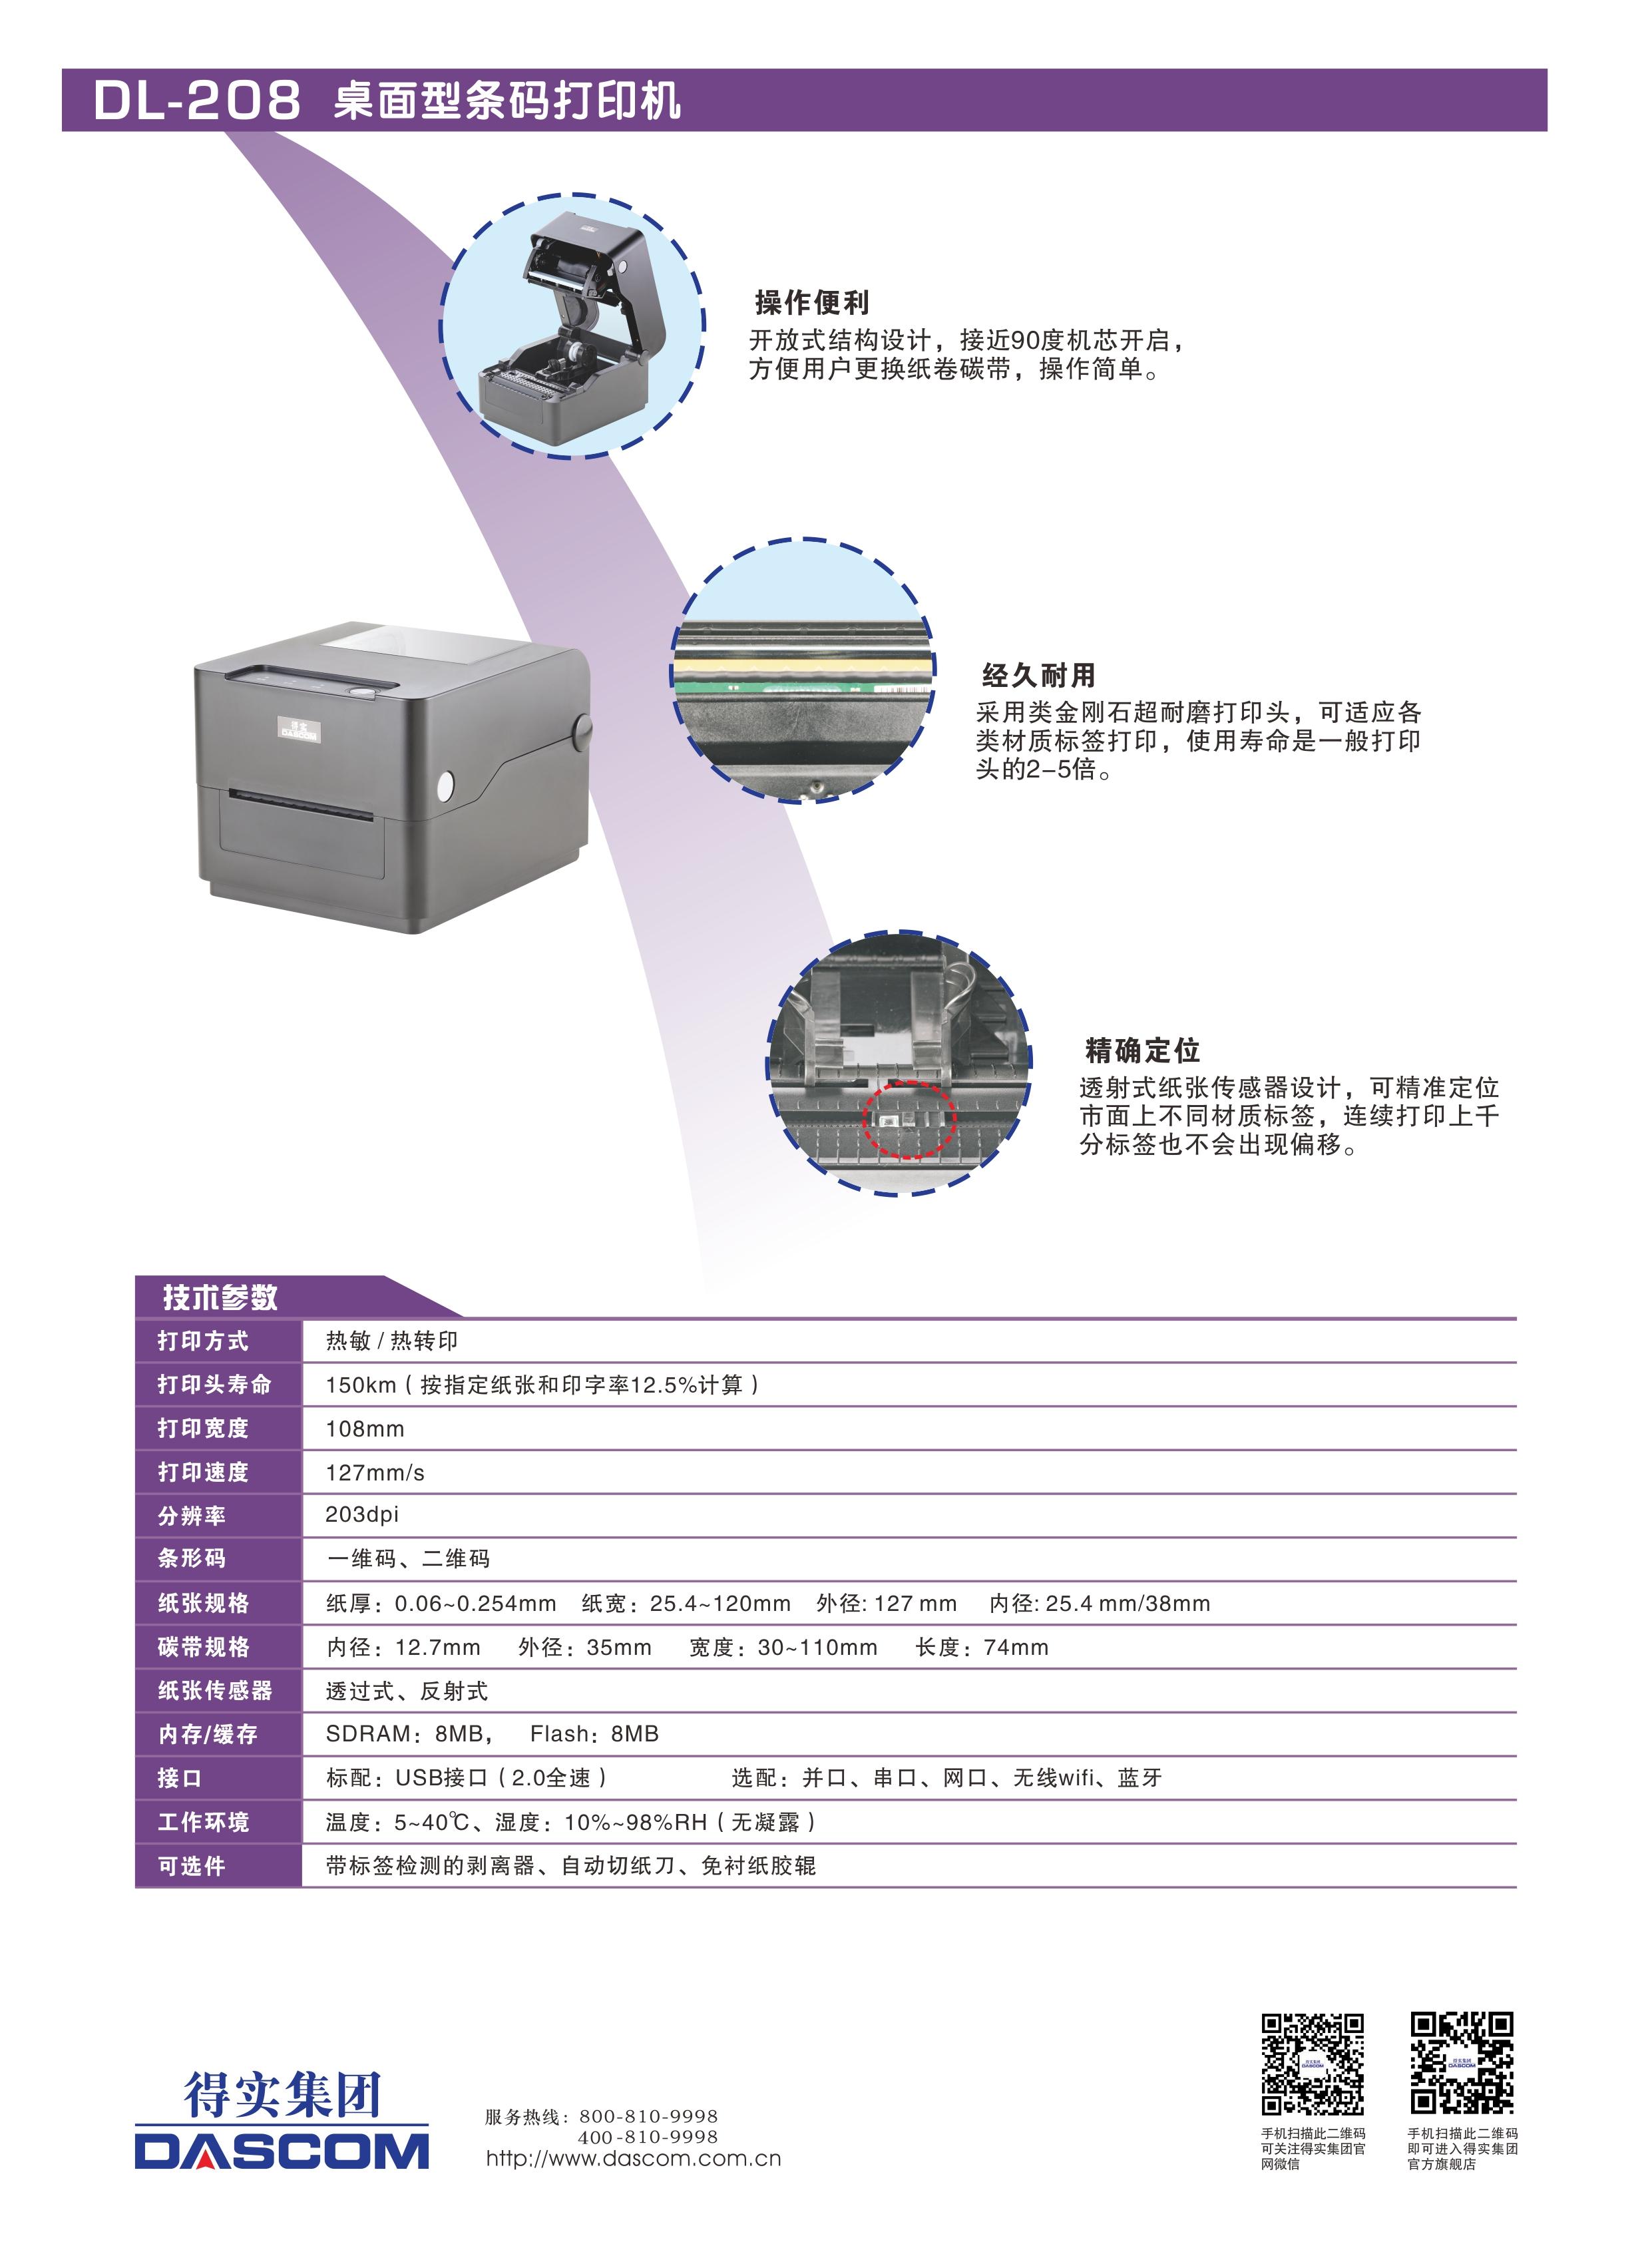 得实打印机DL-208-2.jpg